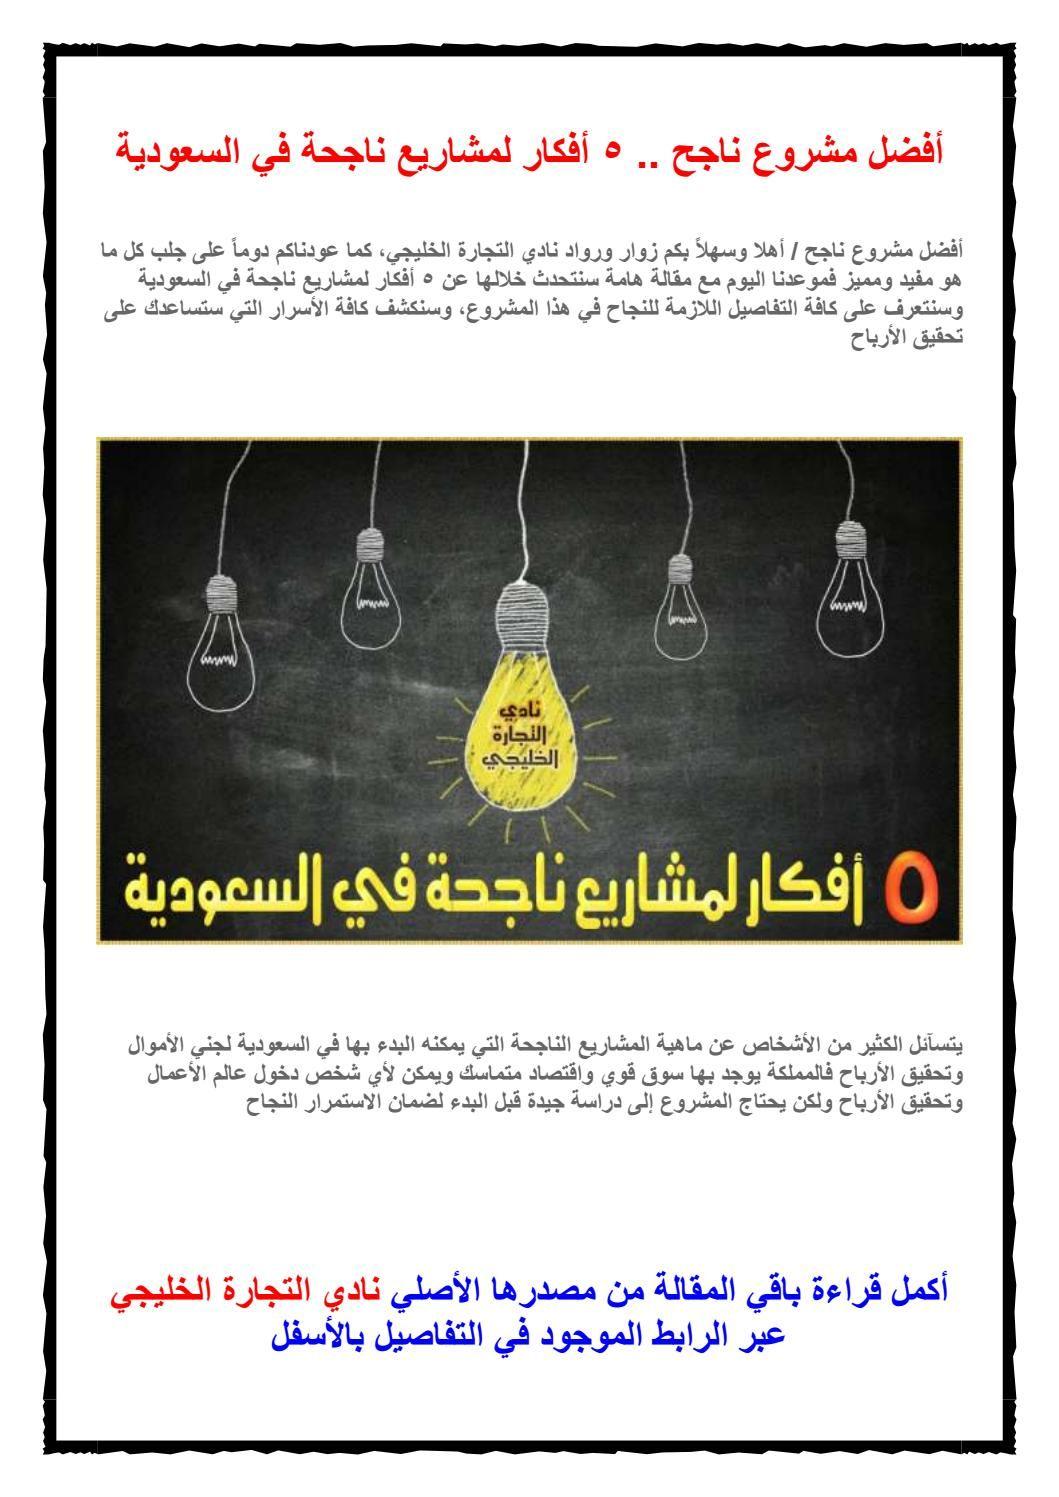 أفضل مشروع ناجح 5 أفكار لمشاريع ناجحة في السعودية Microsoft Word Document Microsoft Word Words